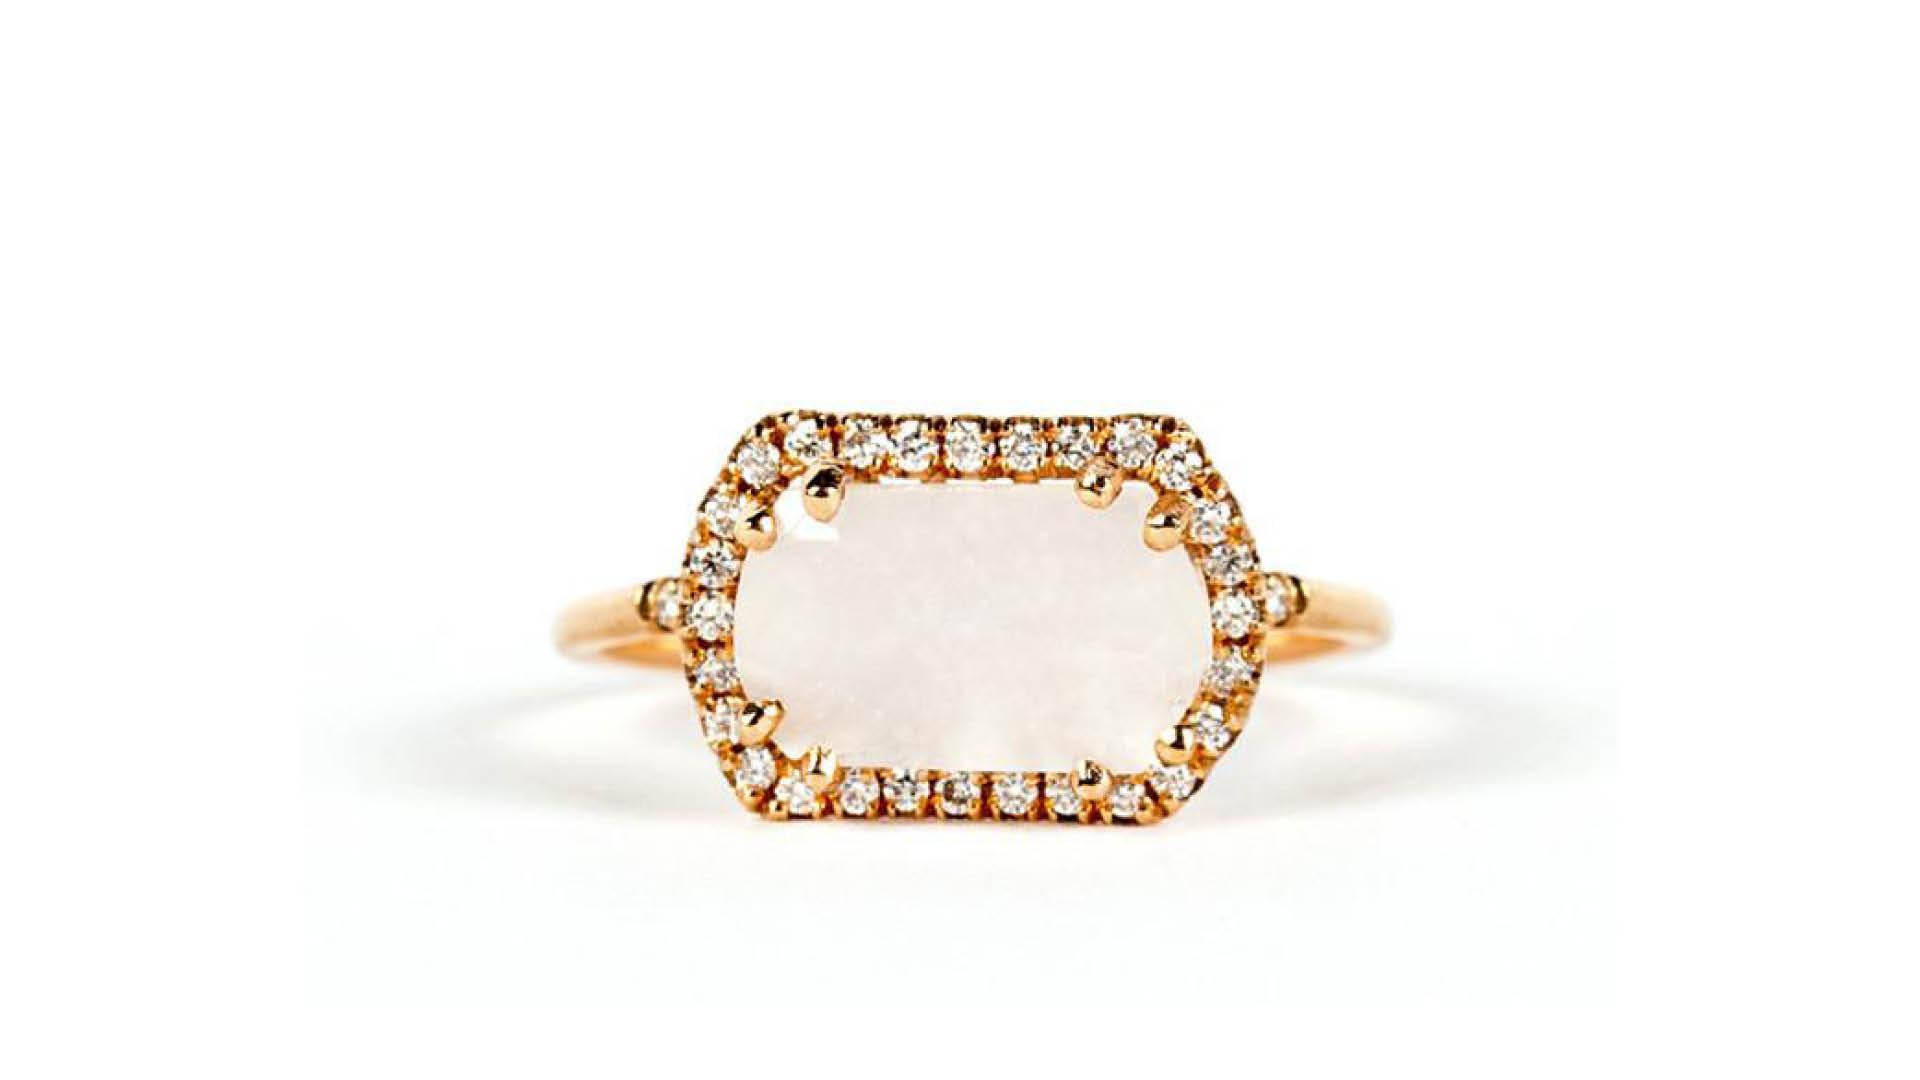 Suzanne-Kalan-White-Moonstone-Ring